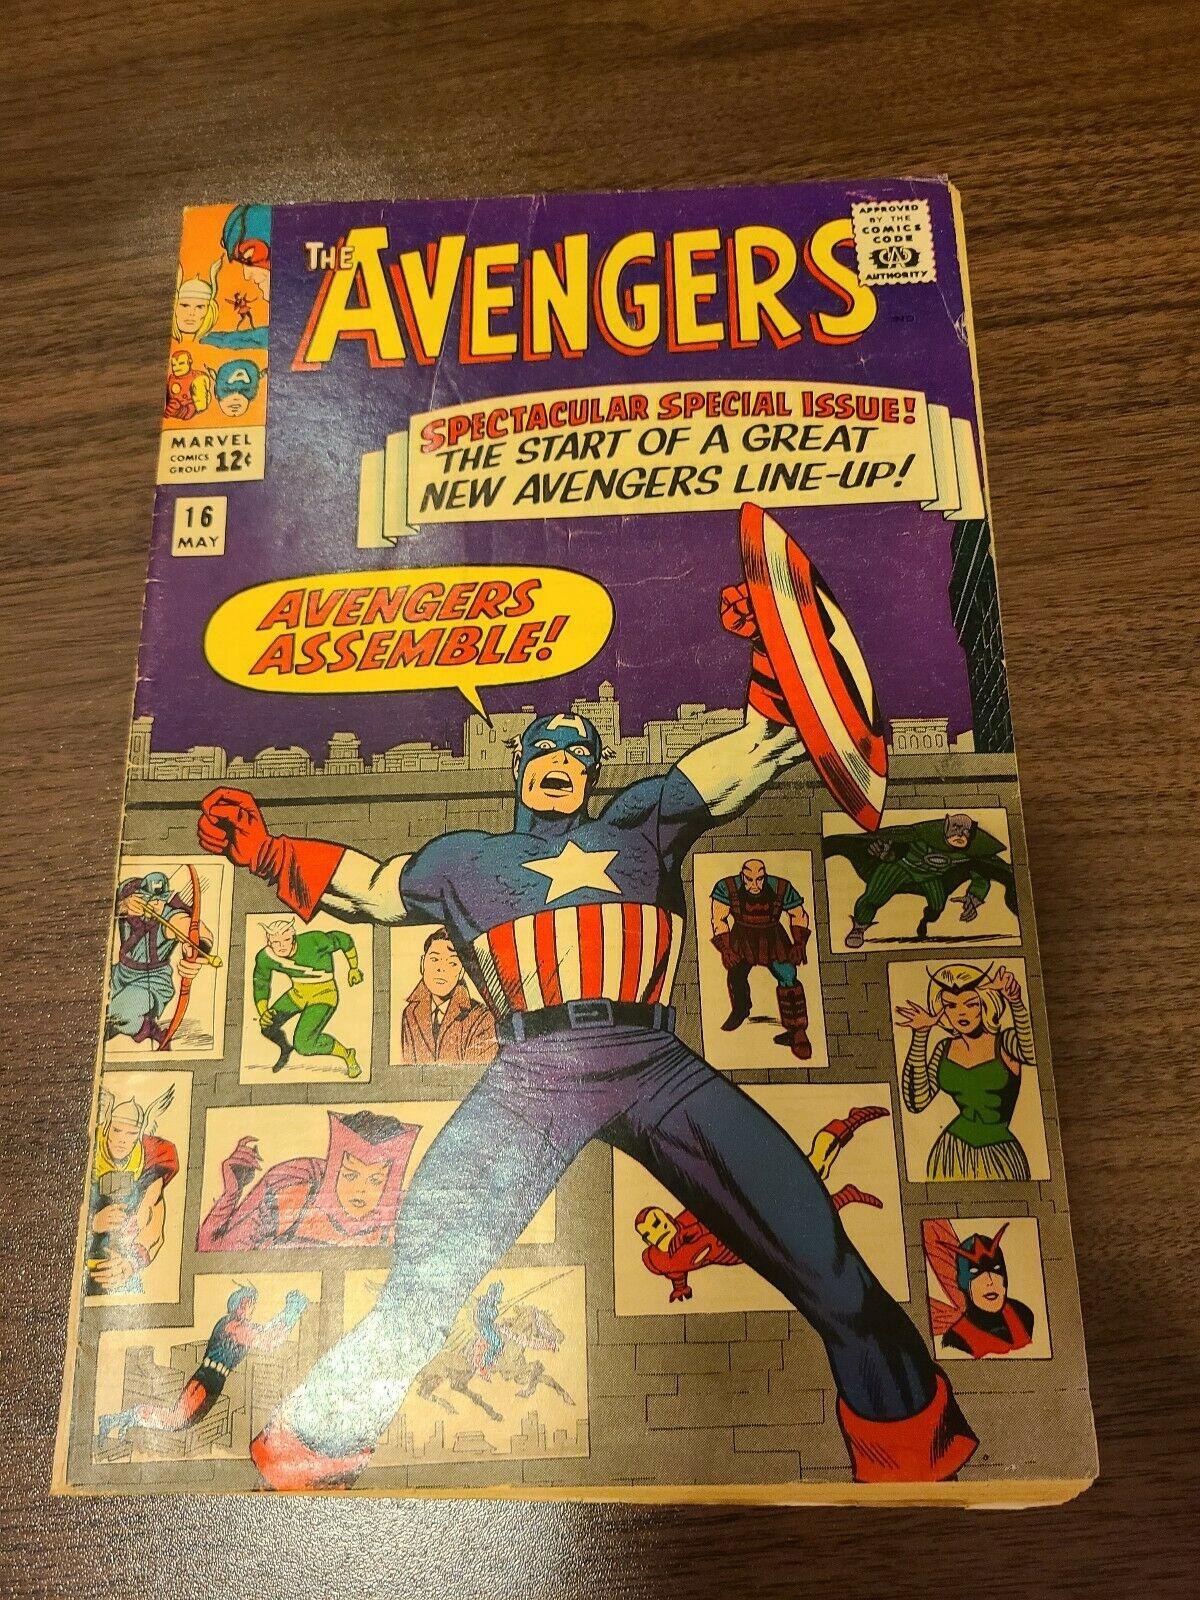 Avengers #16 New Avengers Line-up AVENGERS ASSEMBLE